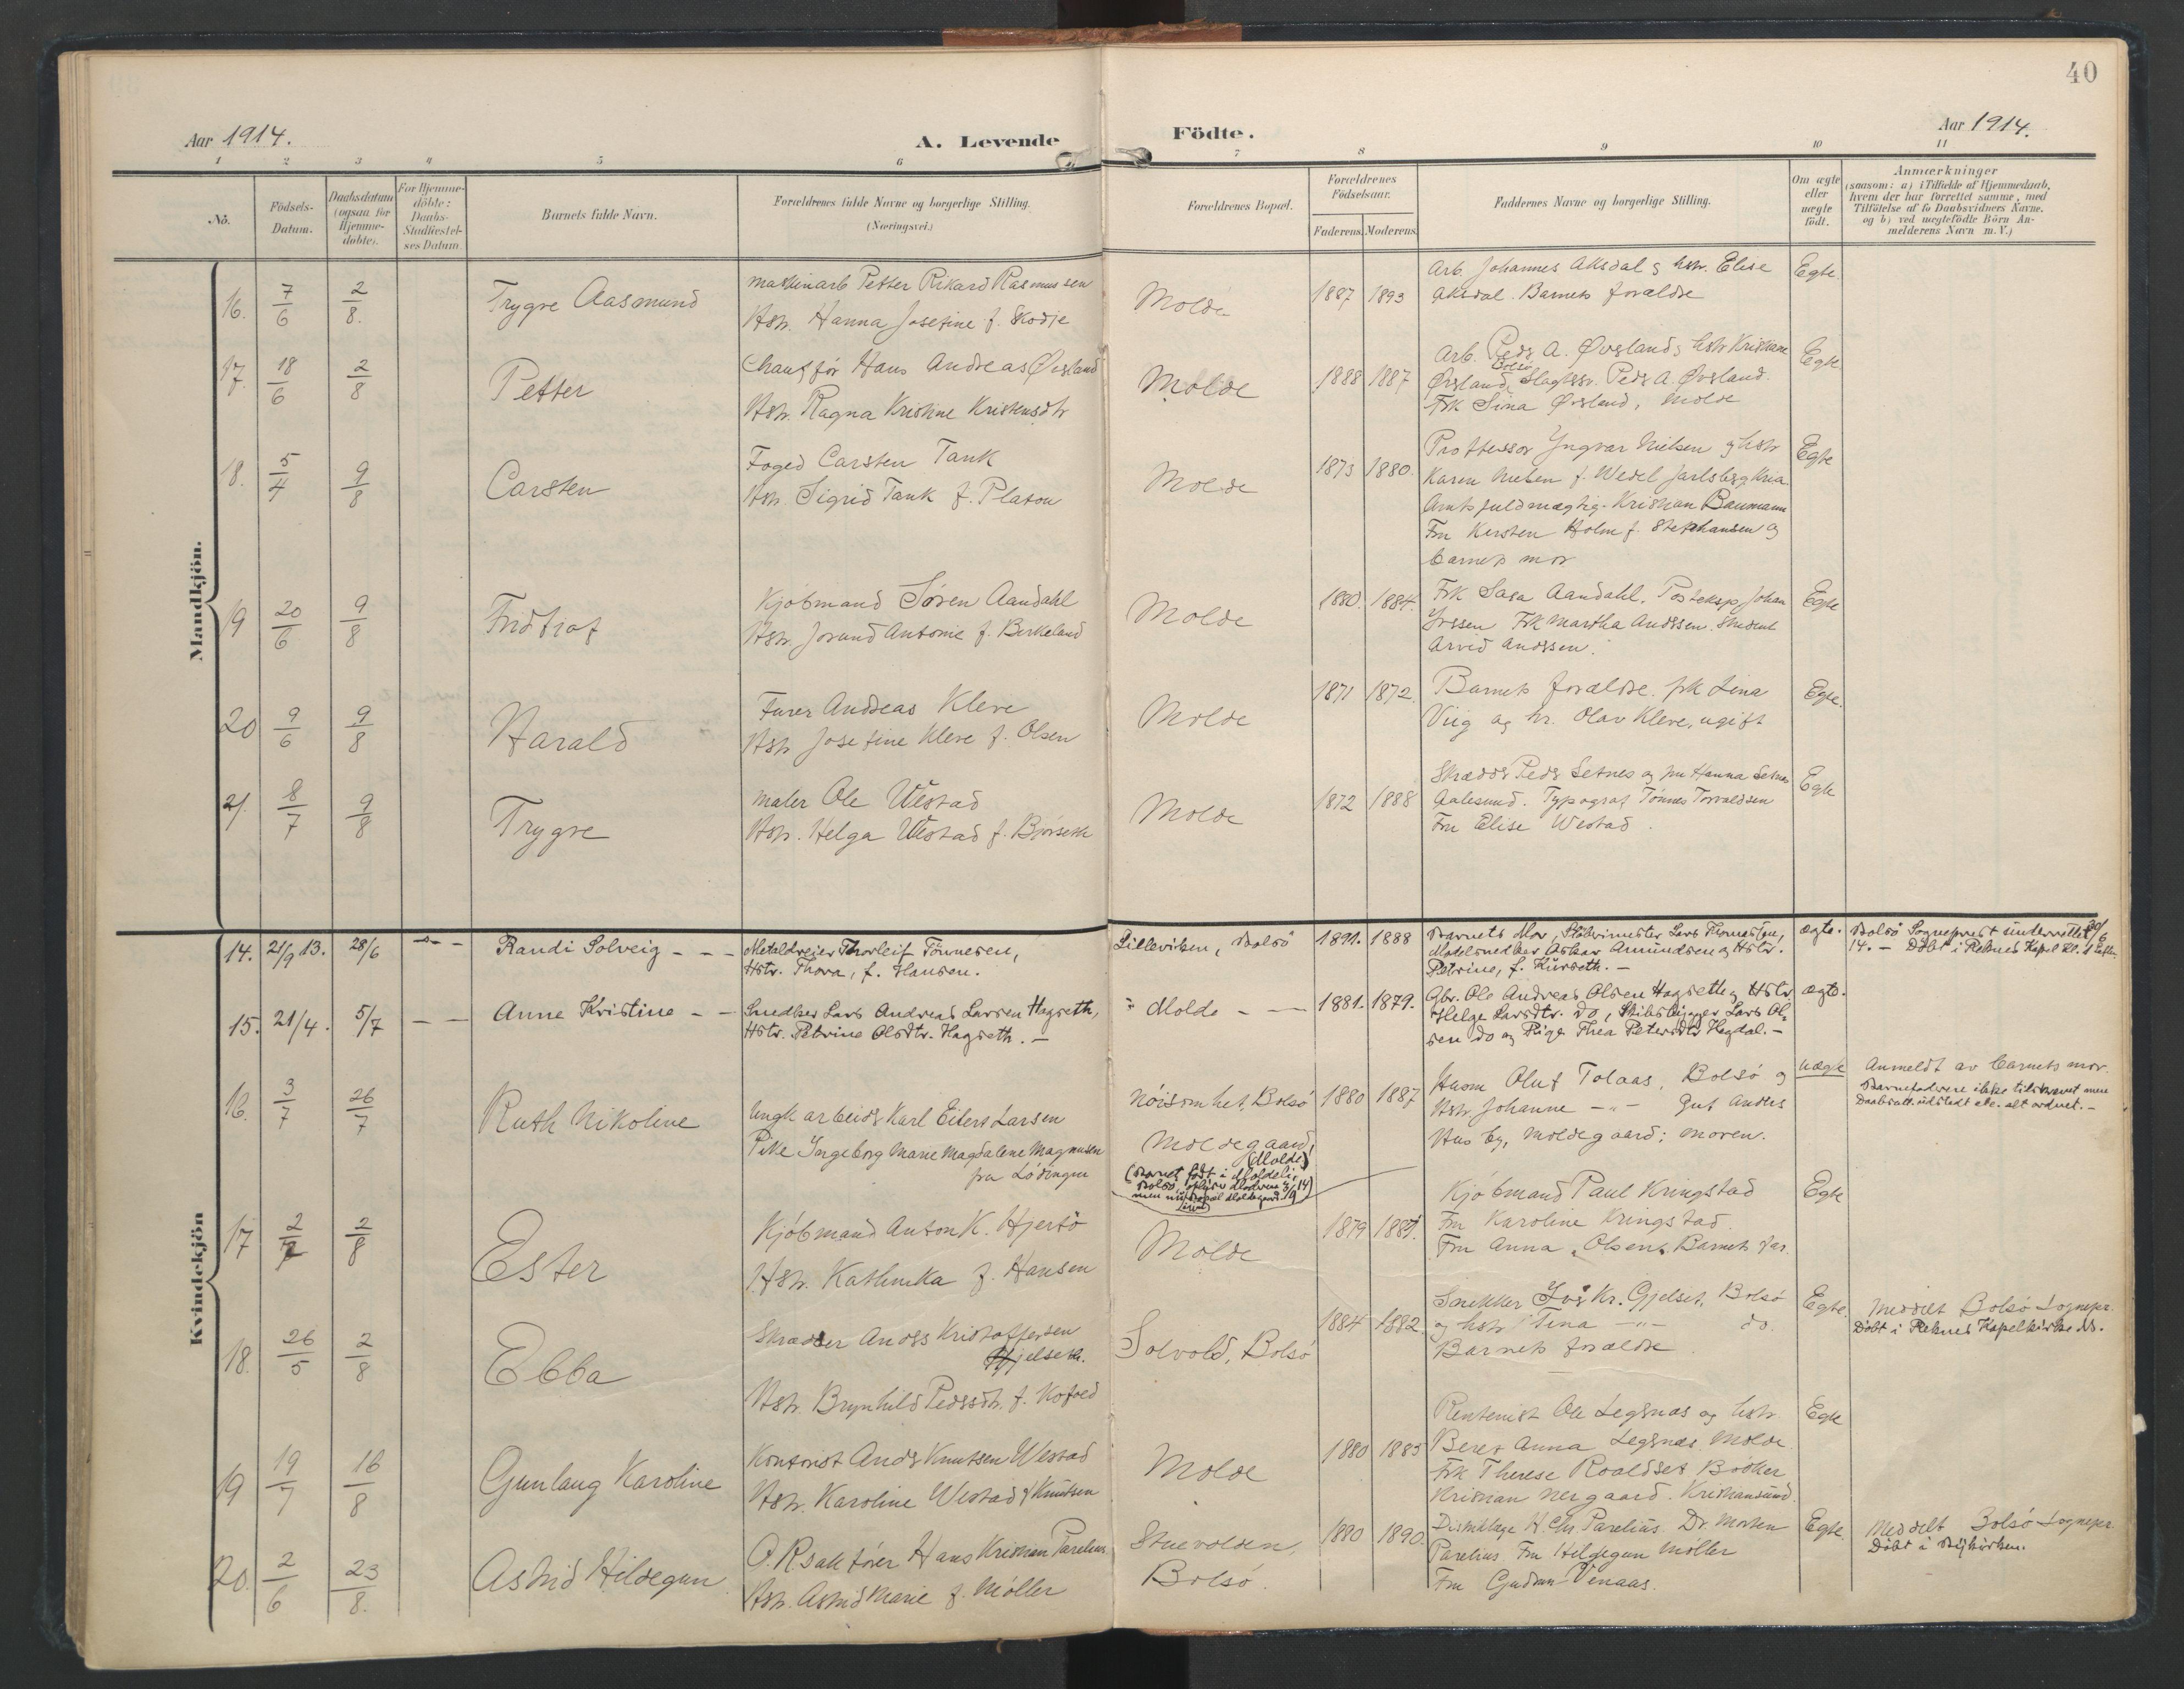 SAT, Ministerialprotokoller, klokkerbøker og fødselsregistre - Møre og Romsdal, 558/L0693: Ministerialbok nr. 558A07, 1903-1917, s. 40